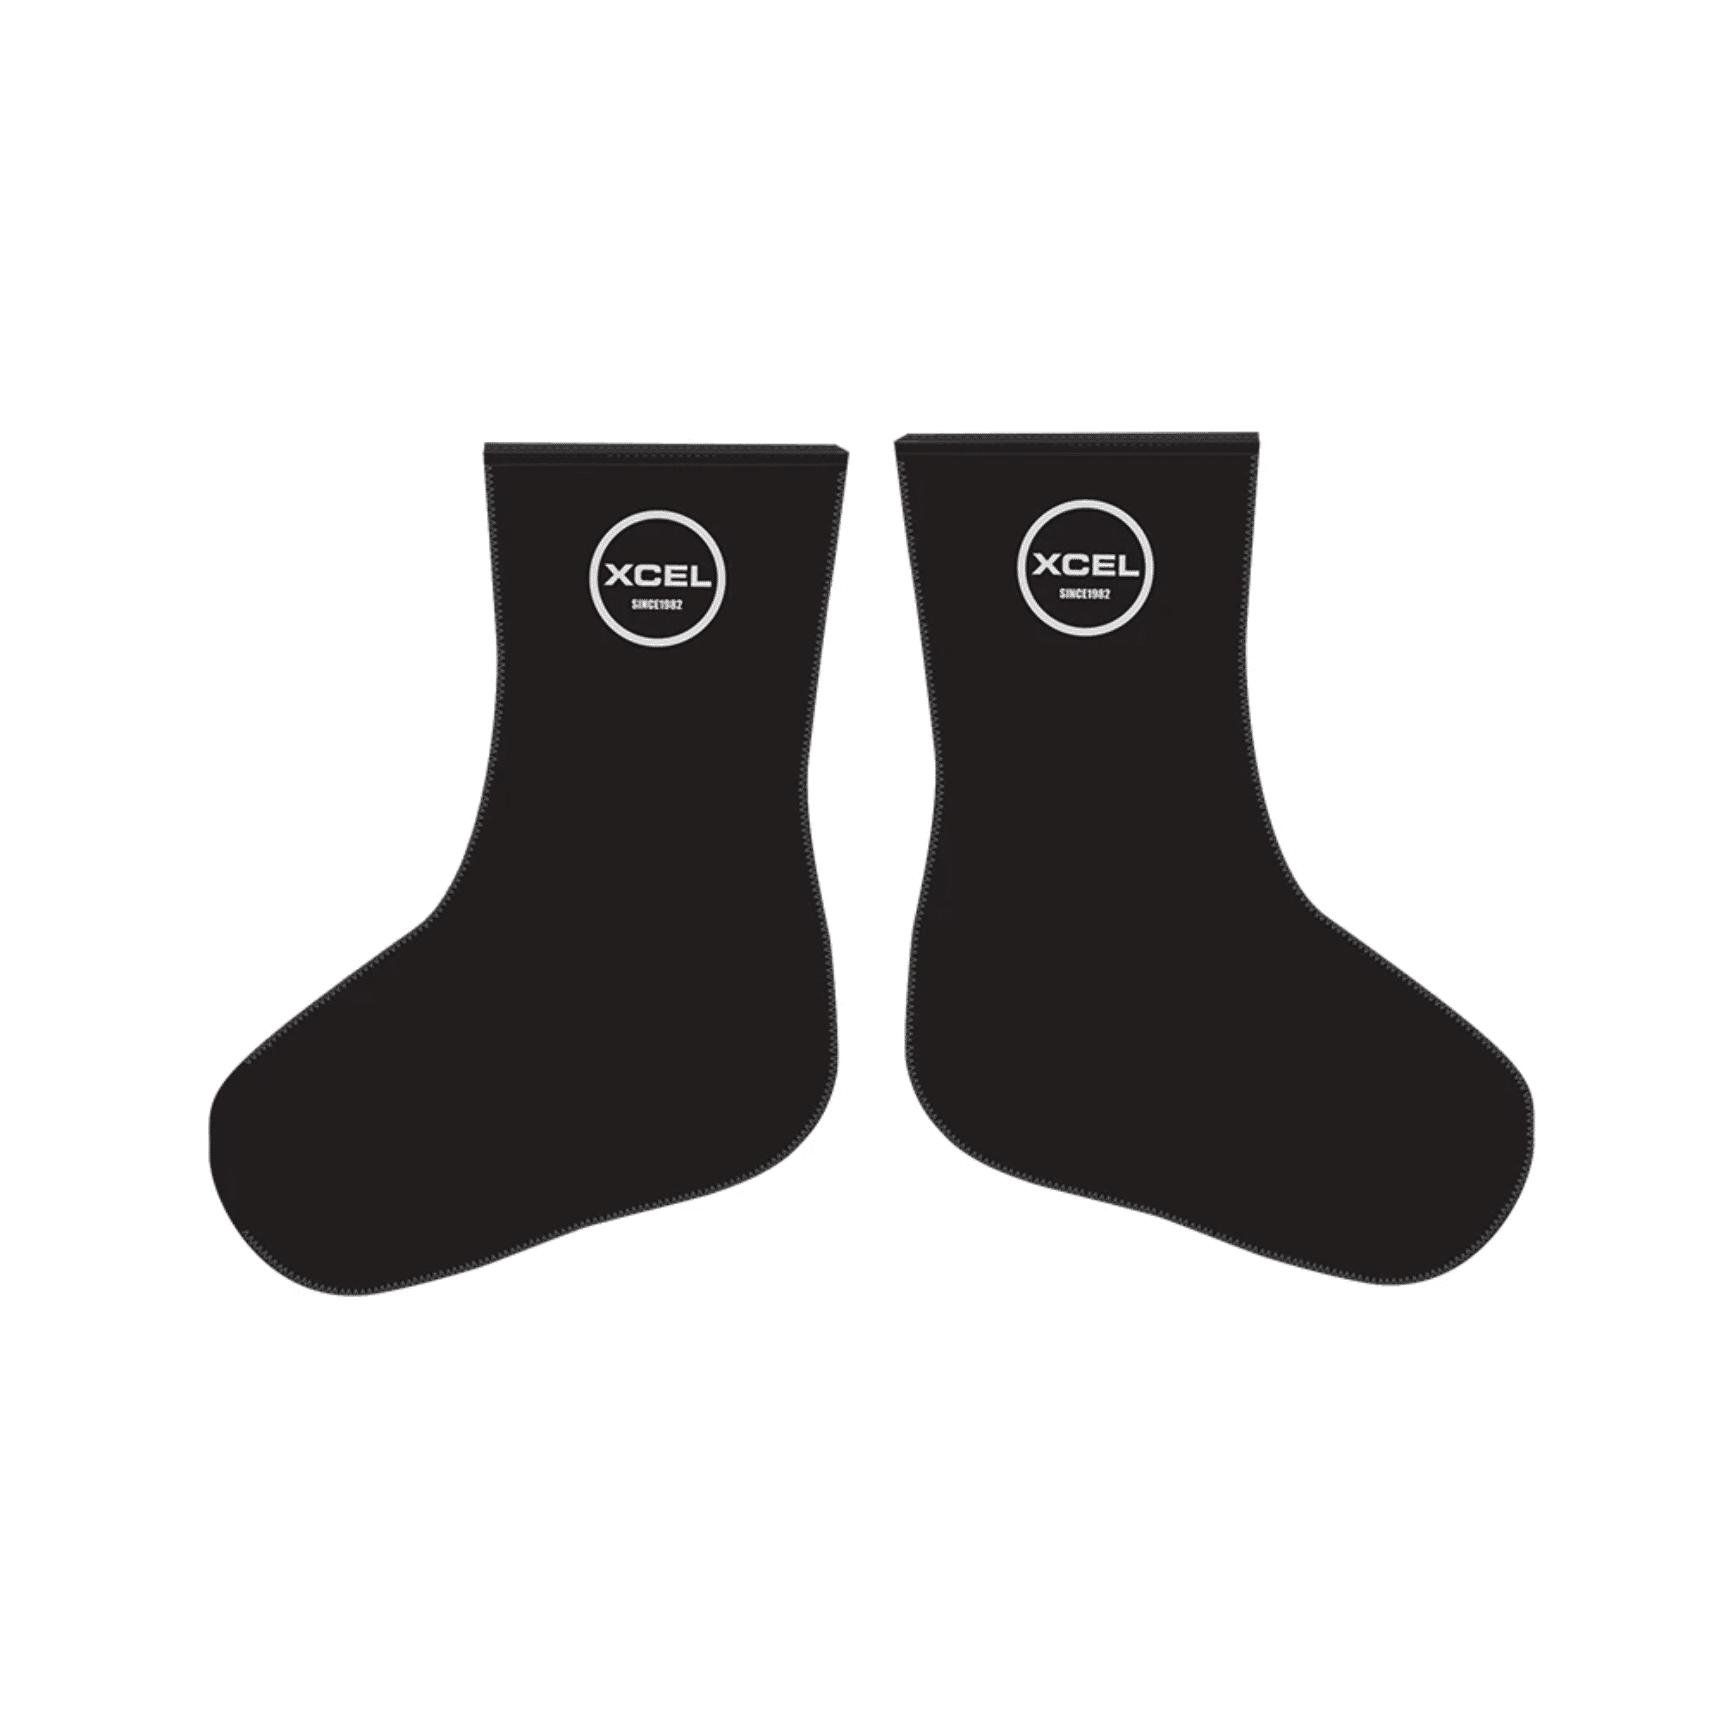 xcel boots